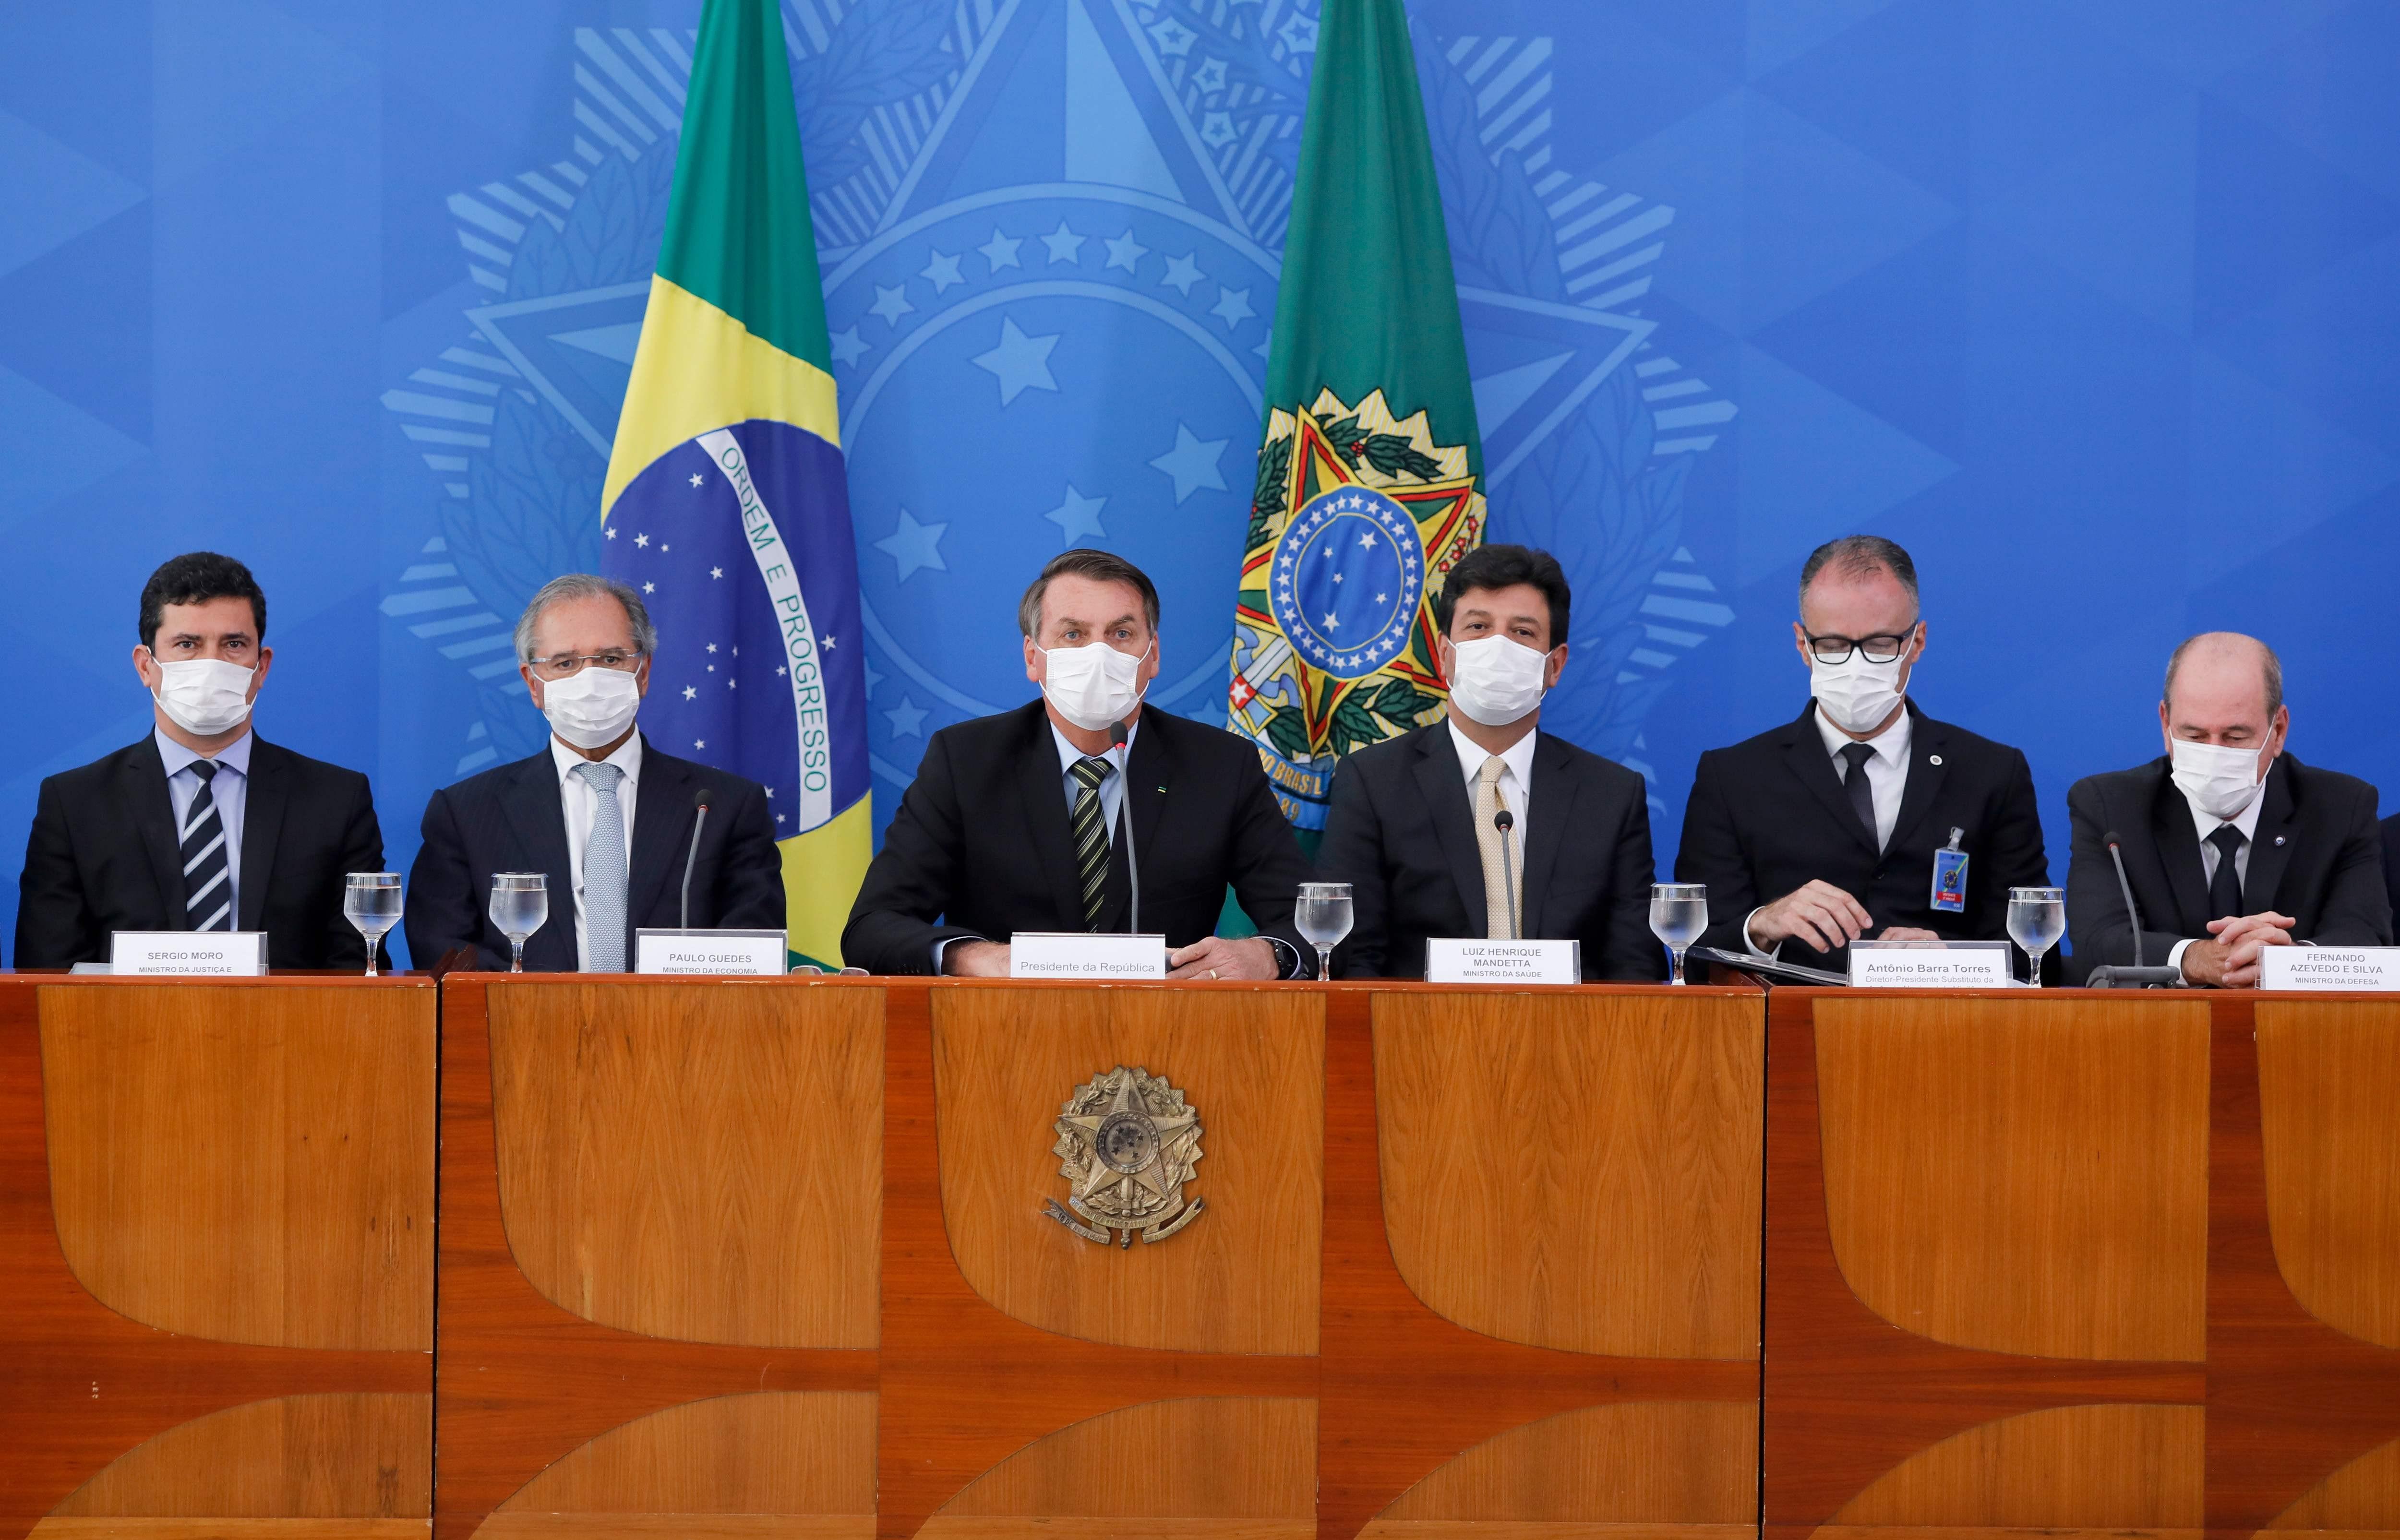 Governo brasileiro estimou gasto de R$ 5 bilhões no combate ao vírus